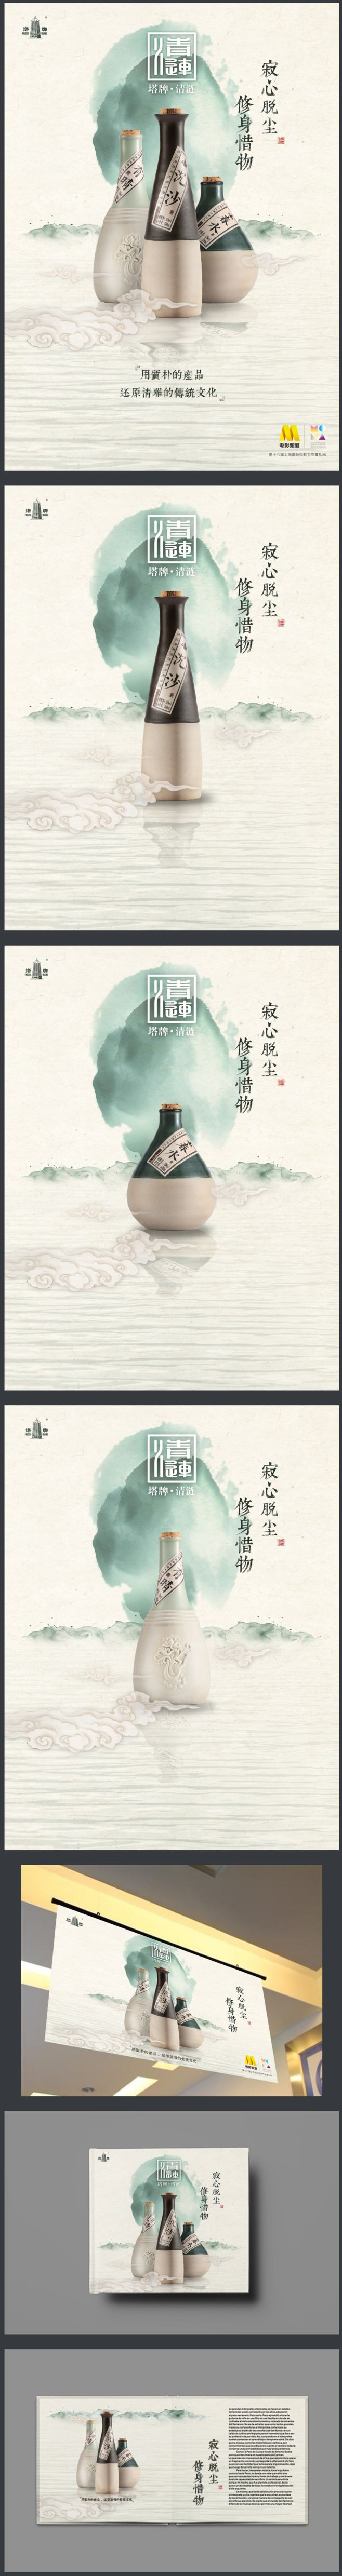 poster design gráfico apreciar mesa de estilo chinês colocado vinho ...